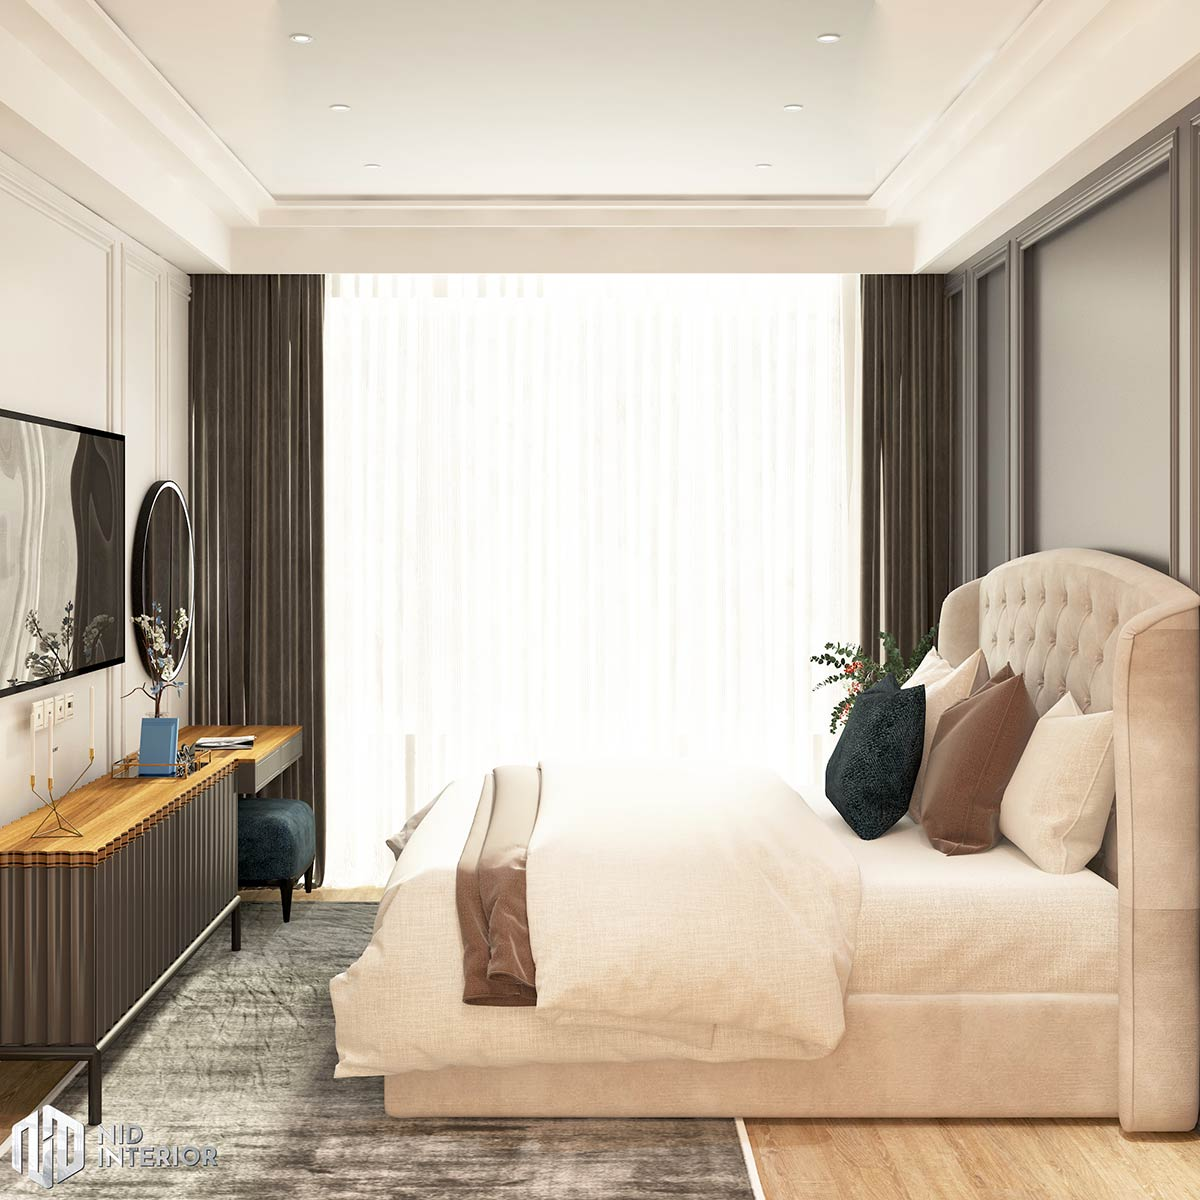 Căn hộ Vinhomes Grand Park 3 phòng ngủ - Phòng ngủ 1